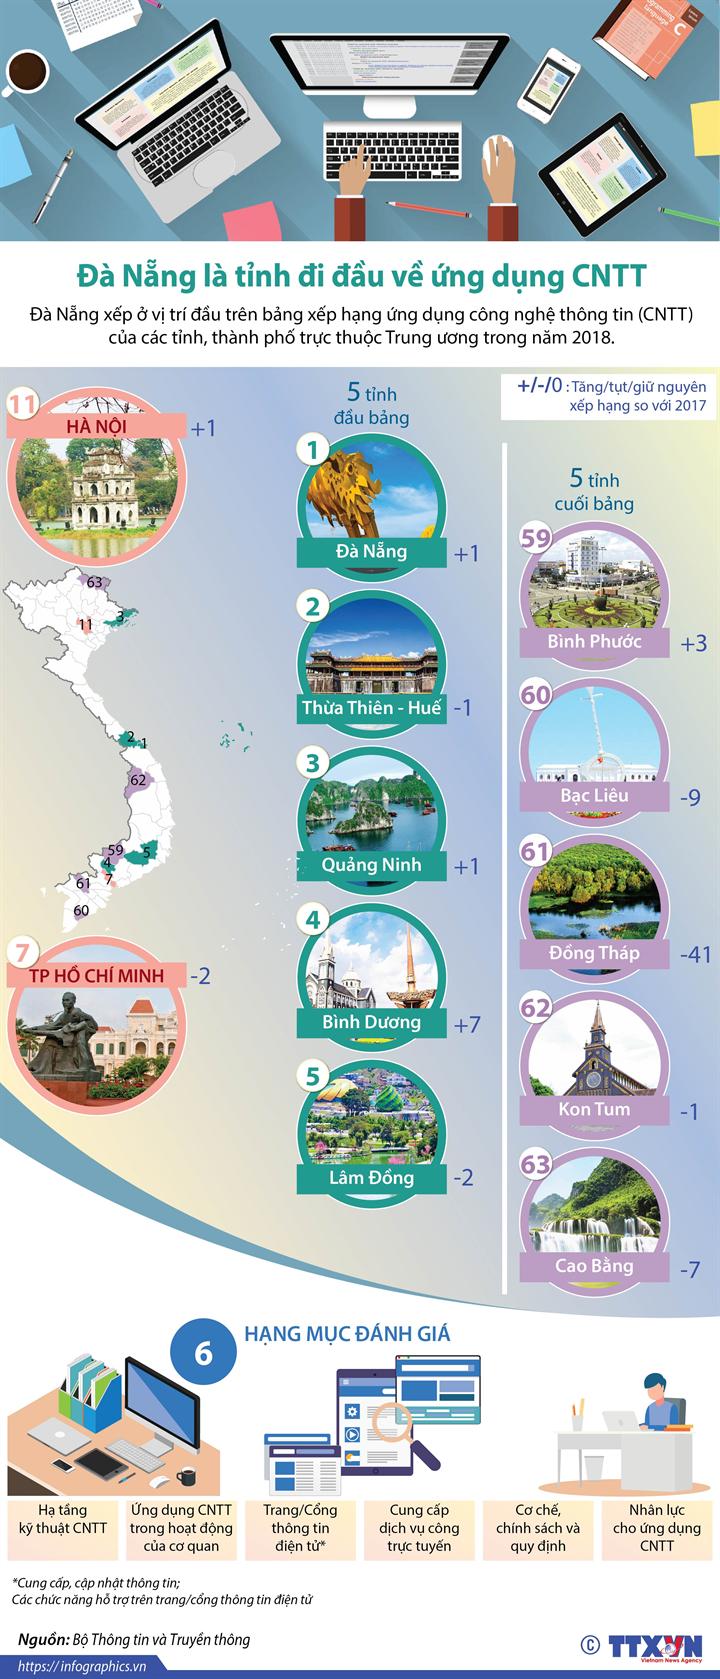 Đà Nẵng là tỉnh đi đầu về ứng dụng CNTT